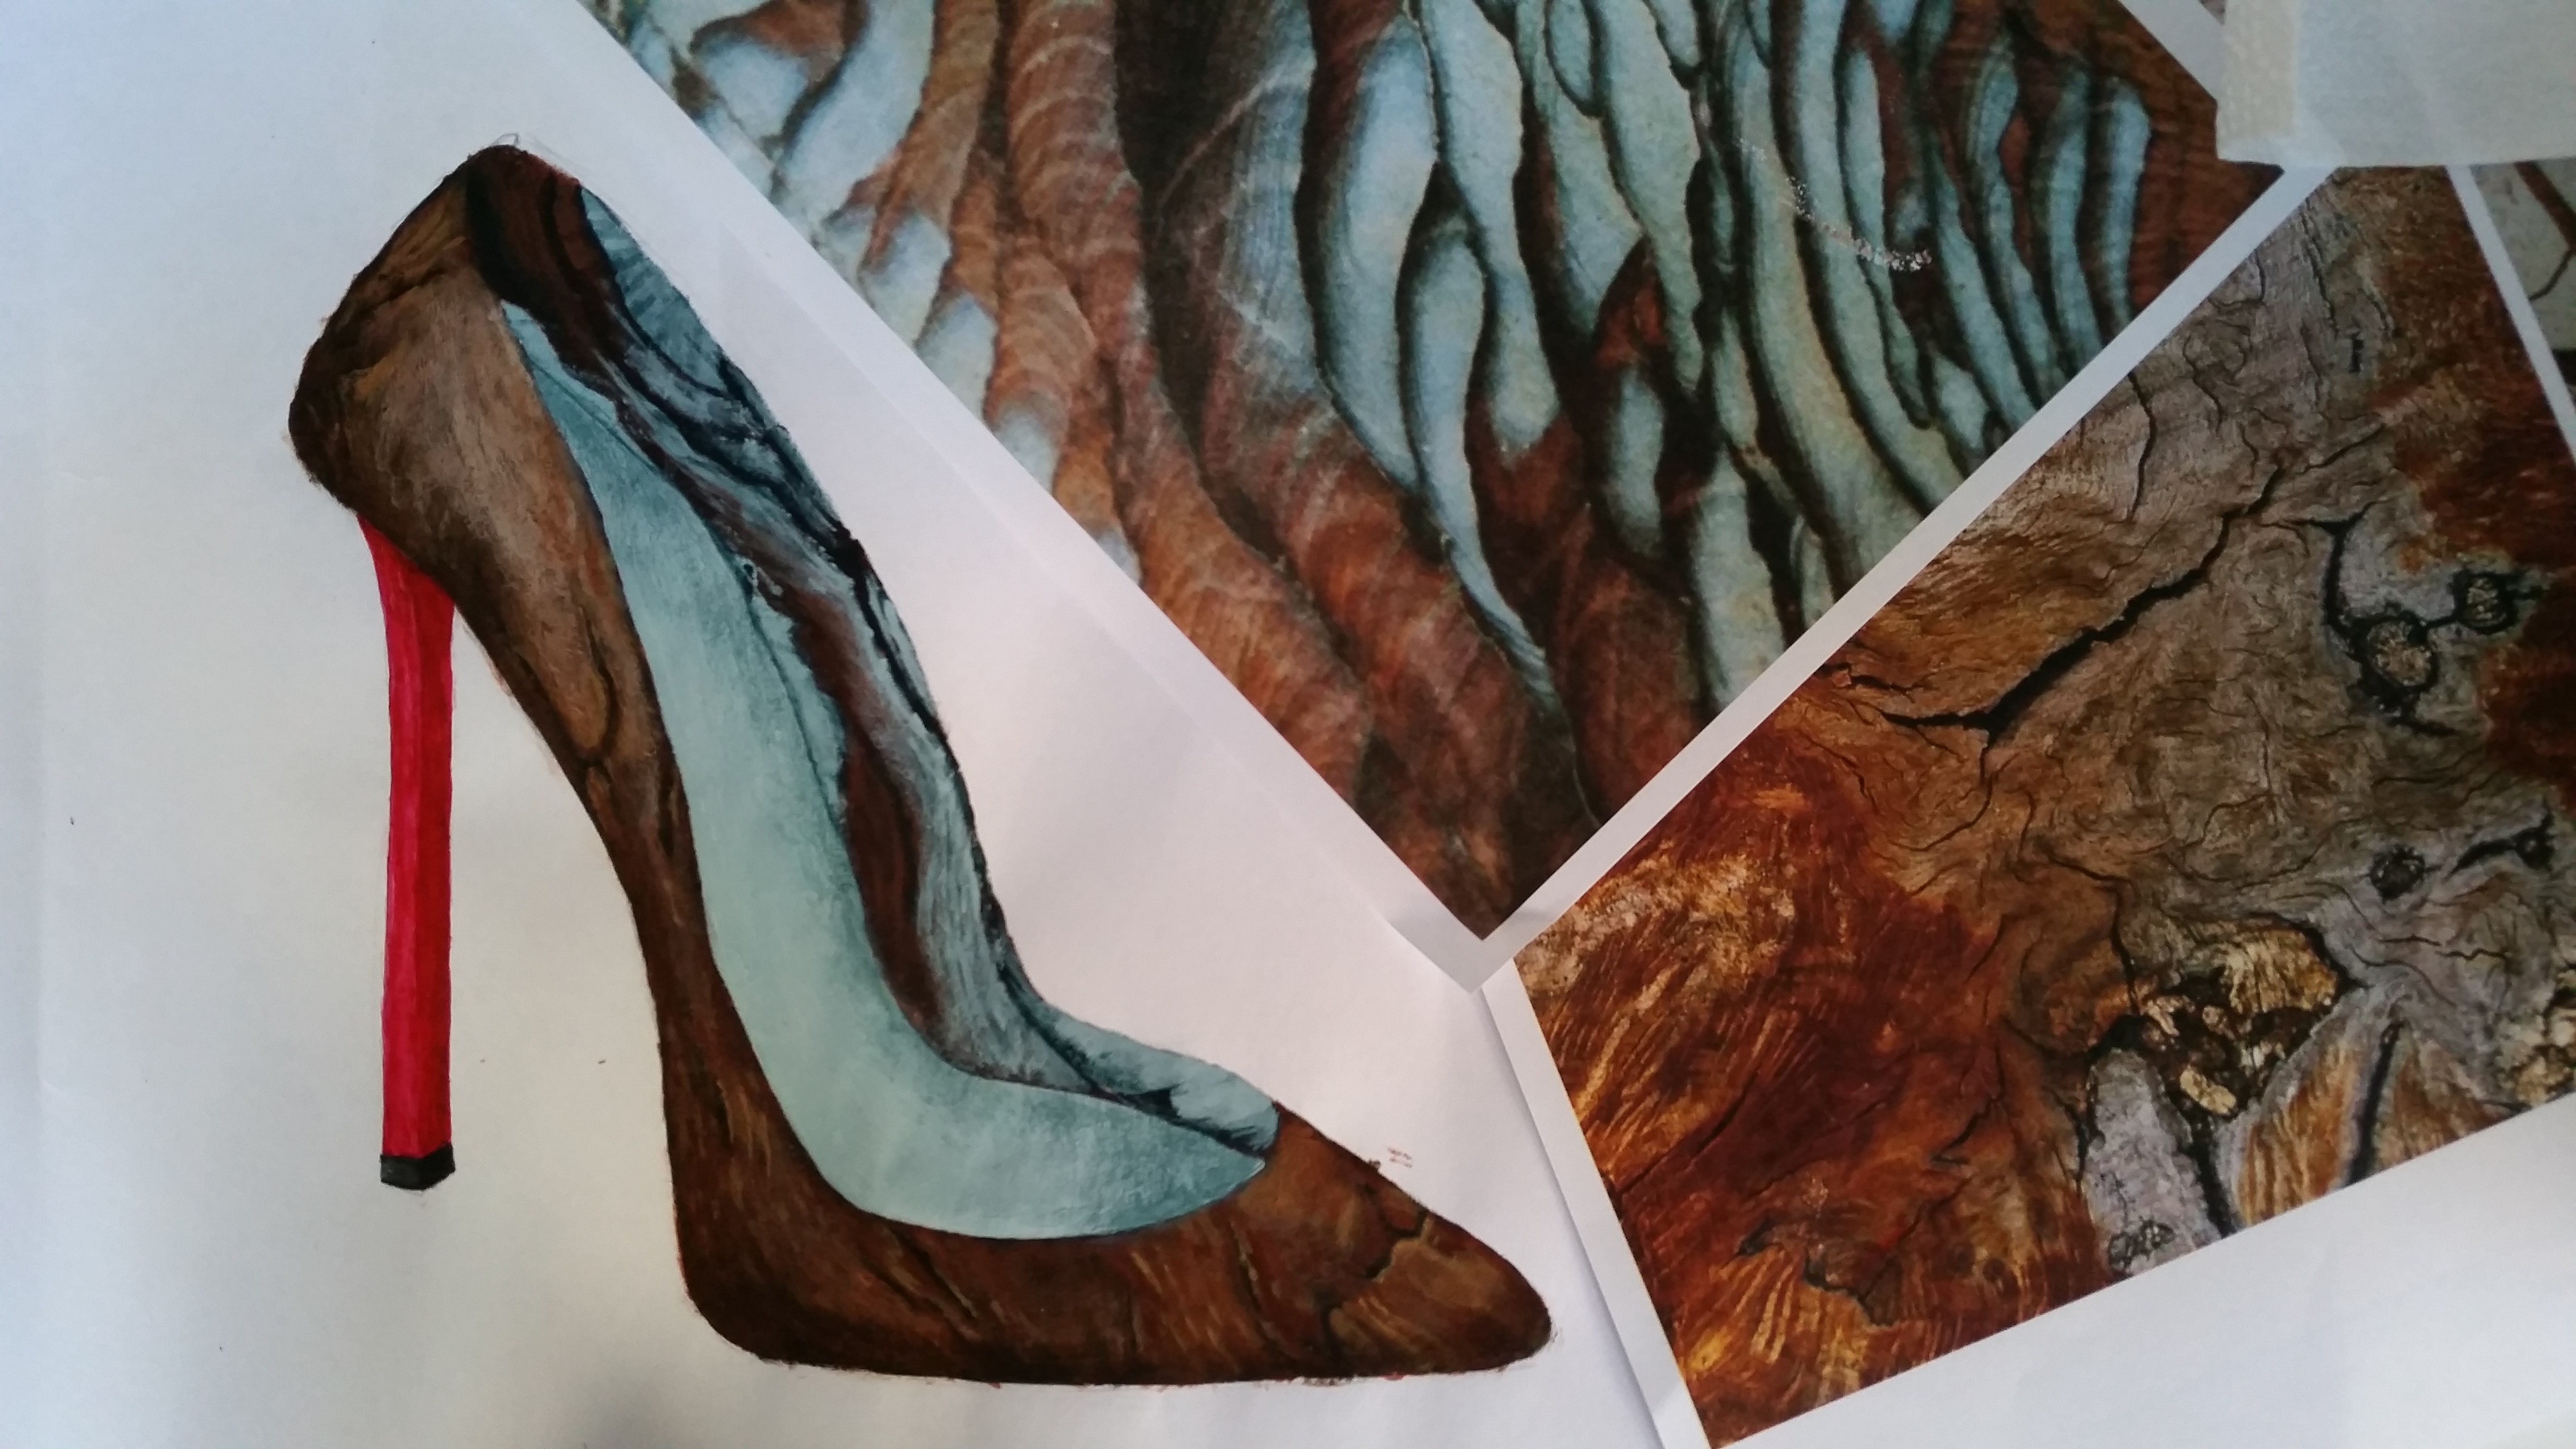 Hier war es die Aufgabe einen Schuh zu zeichnen und ihn mit Materialien wie Holz, Gestein, Schuppen etc. zu füllen.